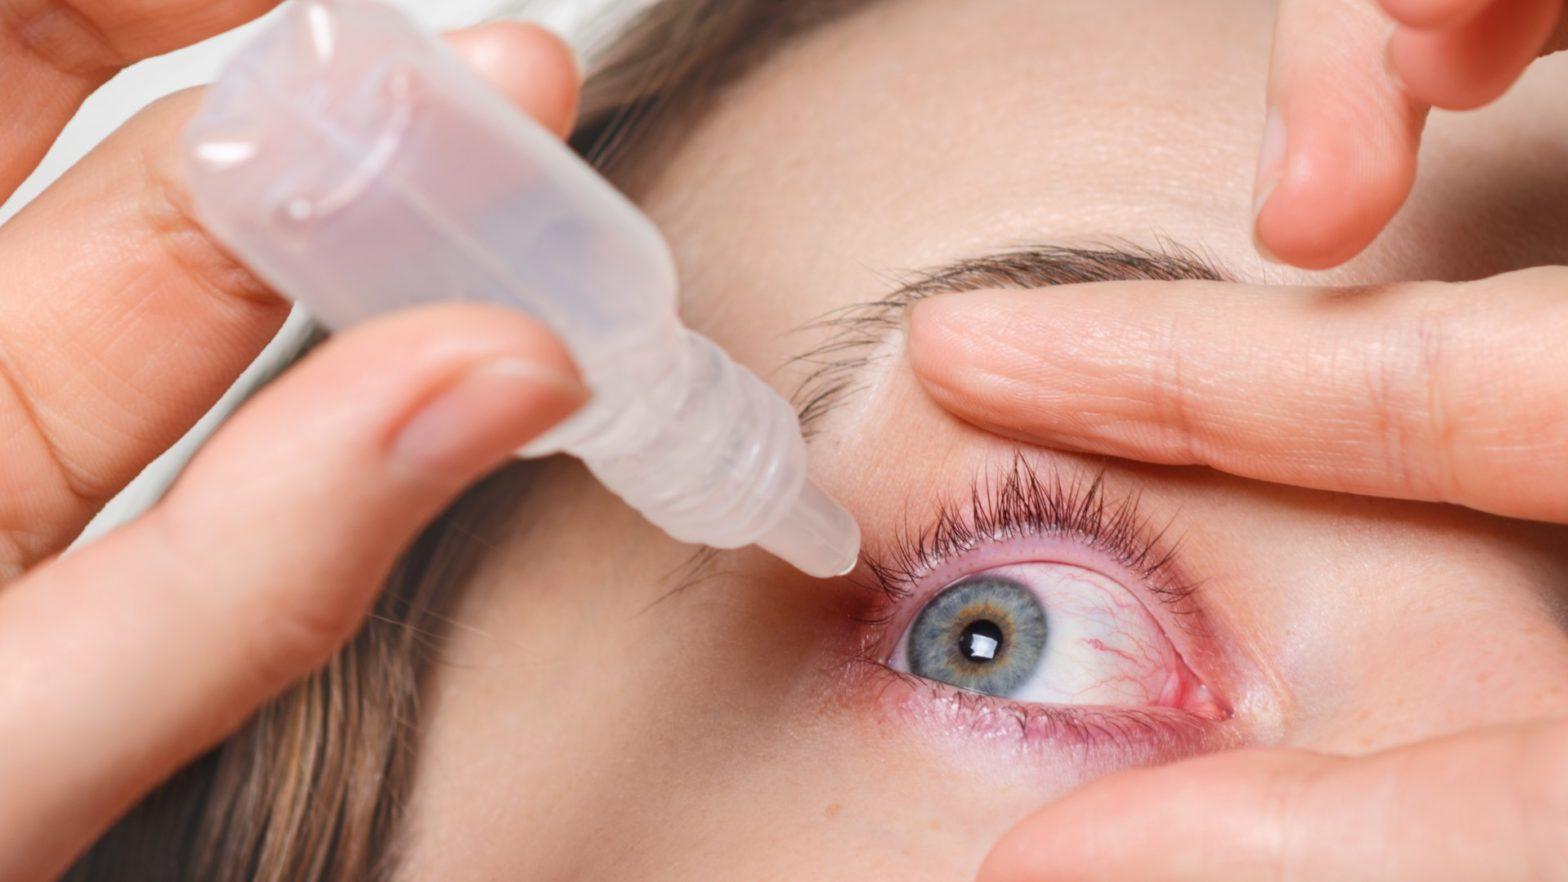 Mulher aplicando colirio para curar derrame ocular.